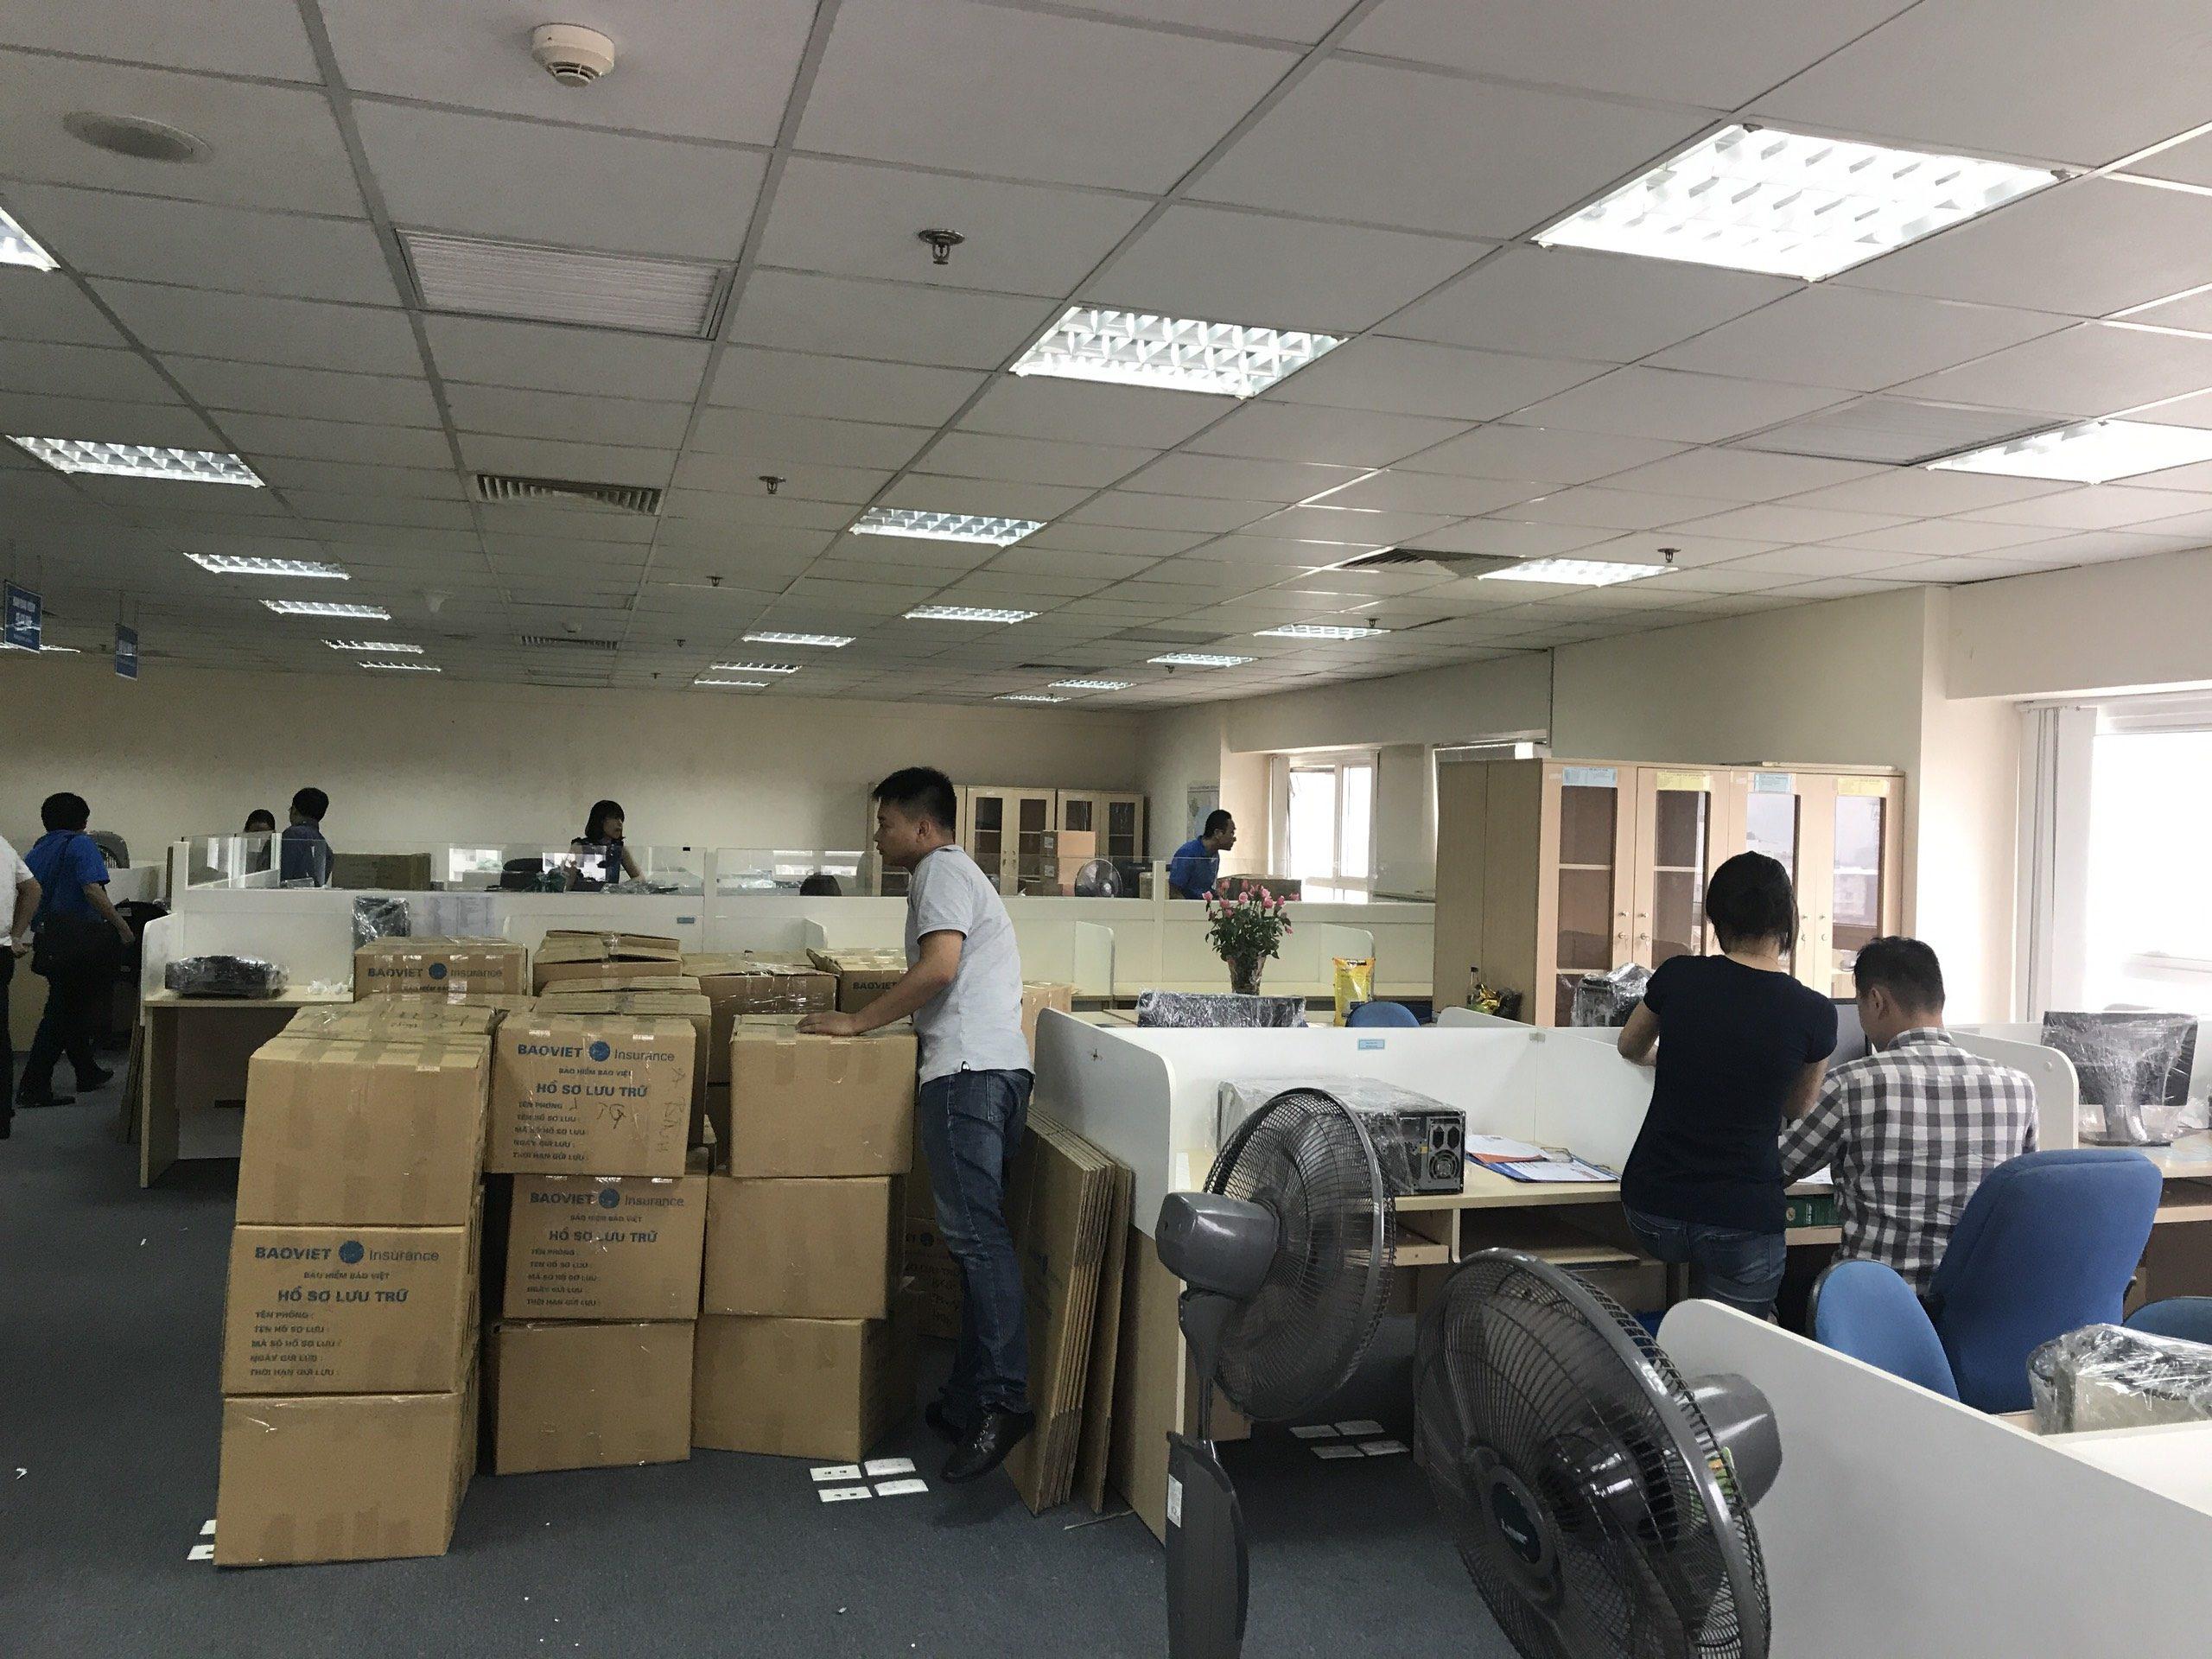 Chuyển Văn Phòng công ty Bảo hiểm Bảo Việt từ 41 Hai Bà Trưng